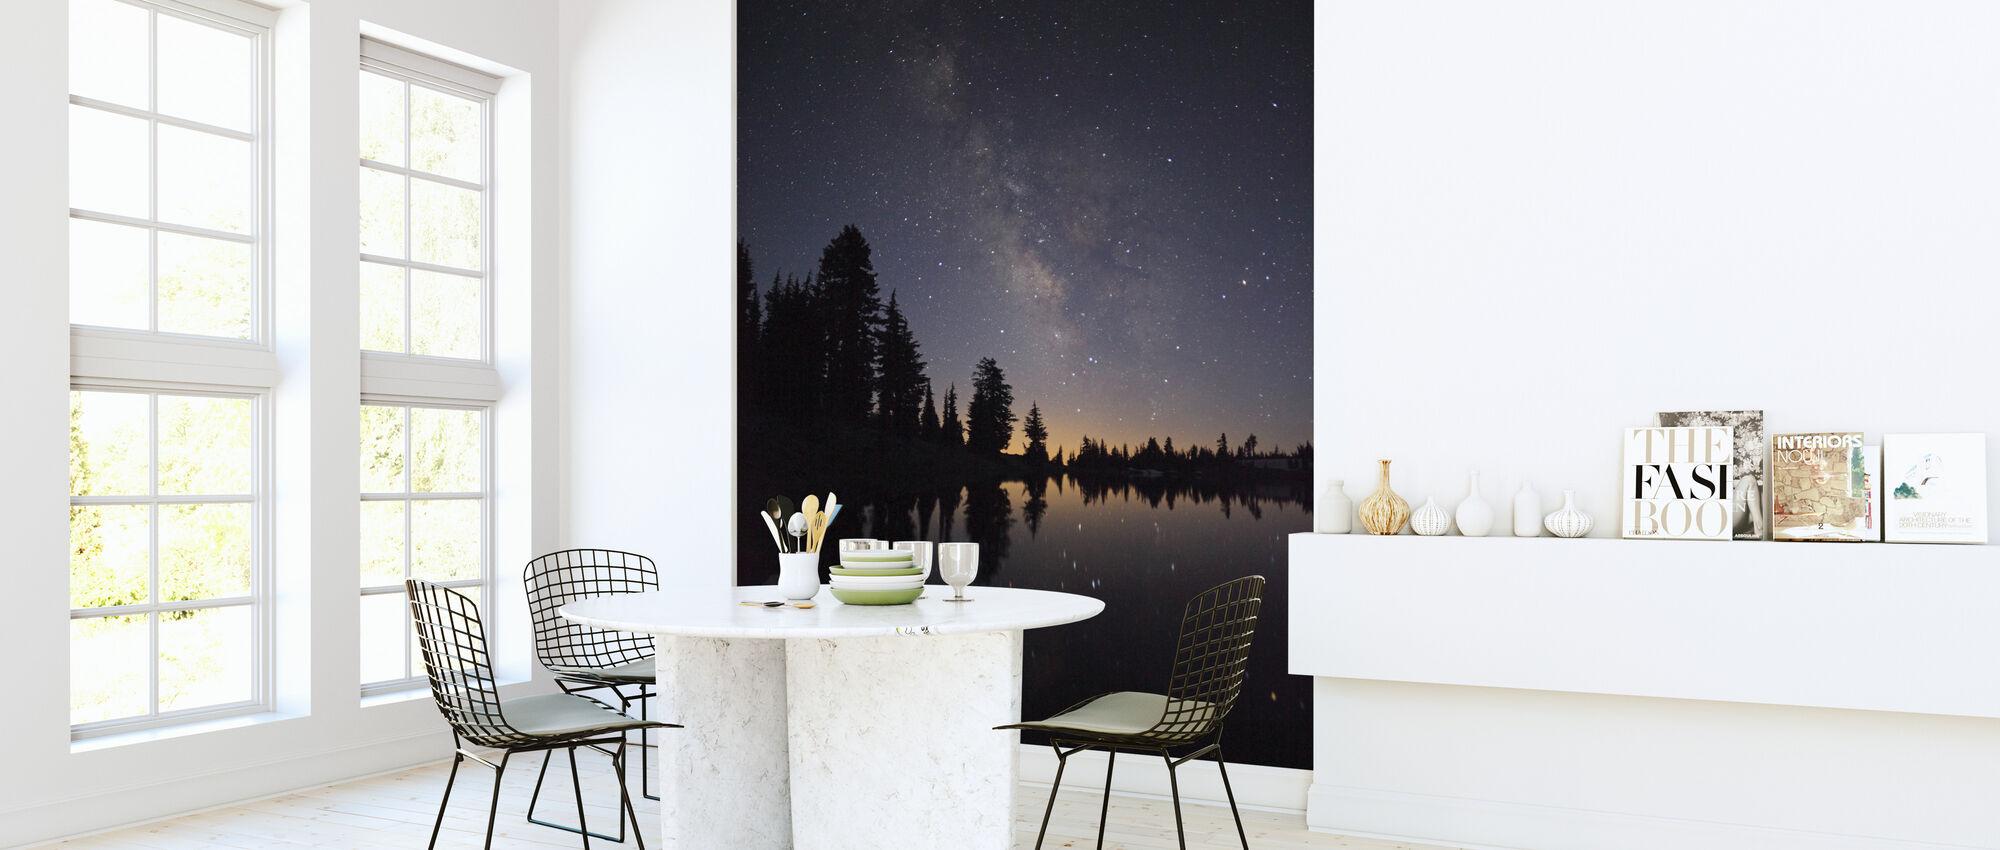 Star Lake - Wallpaper - Kitchen